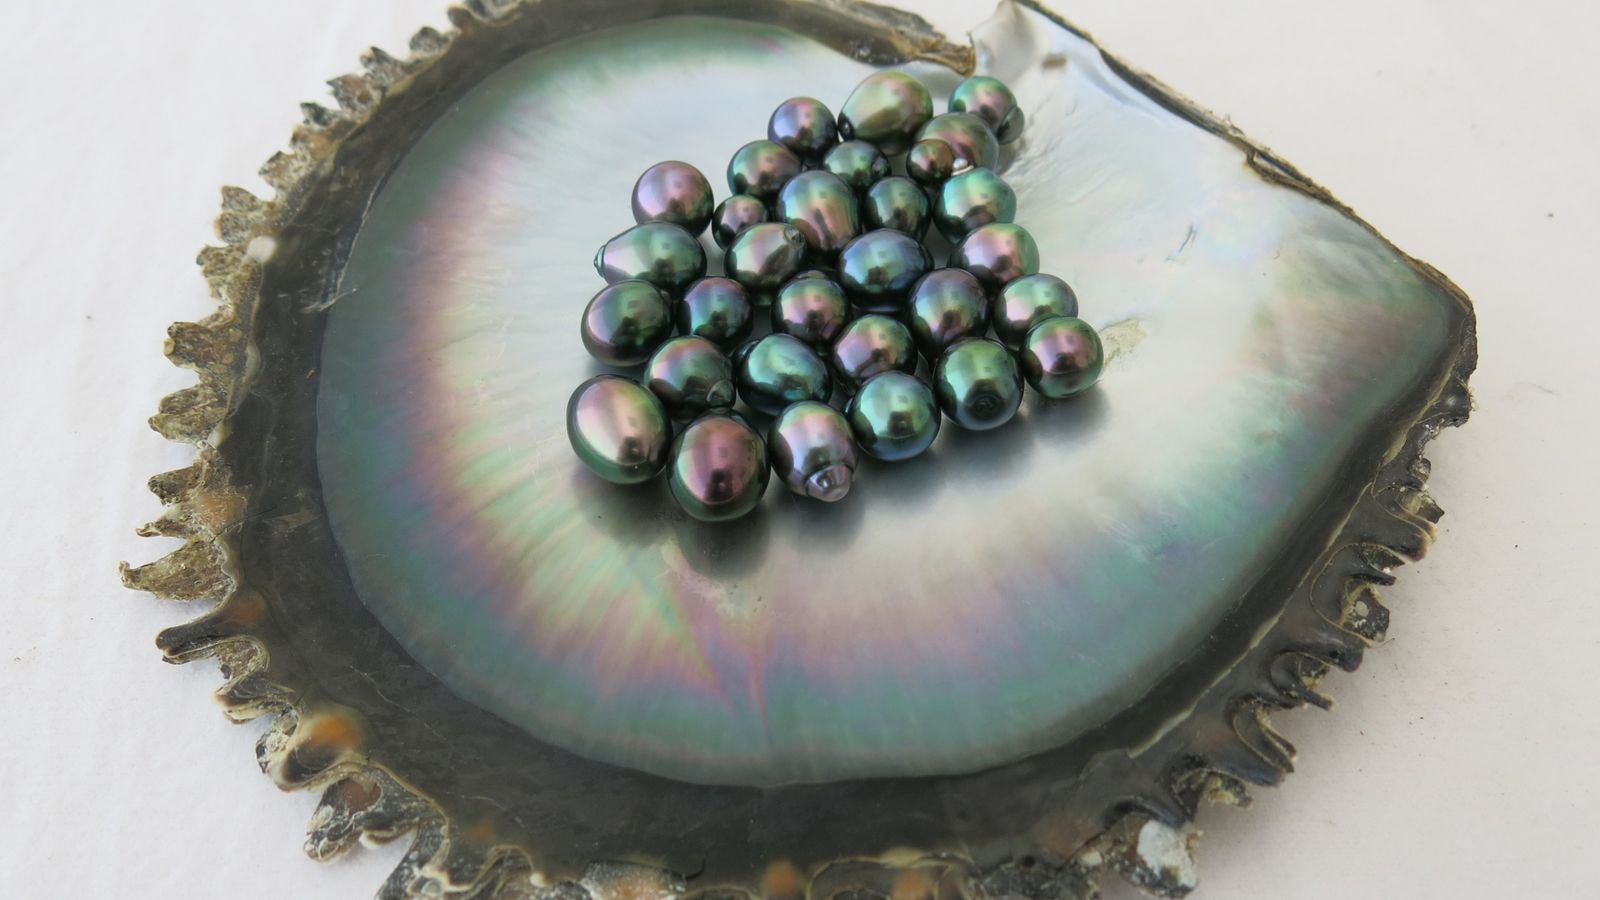 Pinctada margaritifera est l'huître perlière polynésienne dont certains individus sont sélectionnés pour la production de perles ...